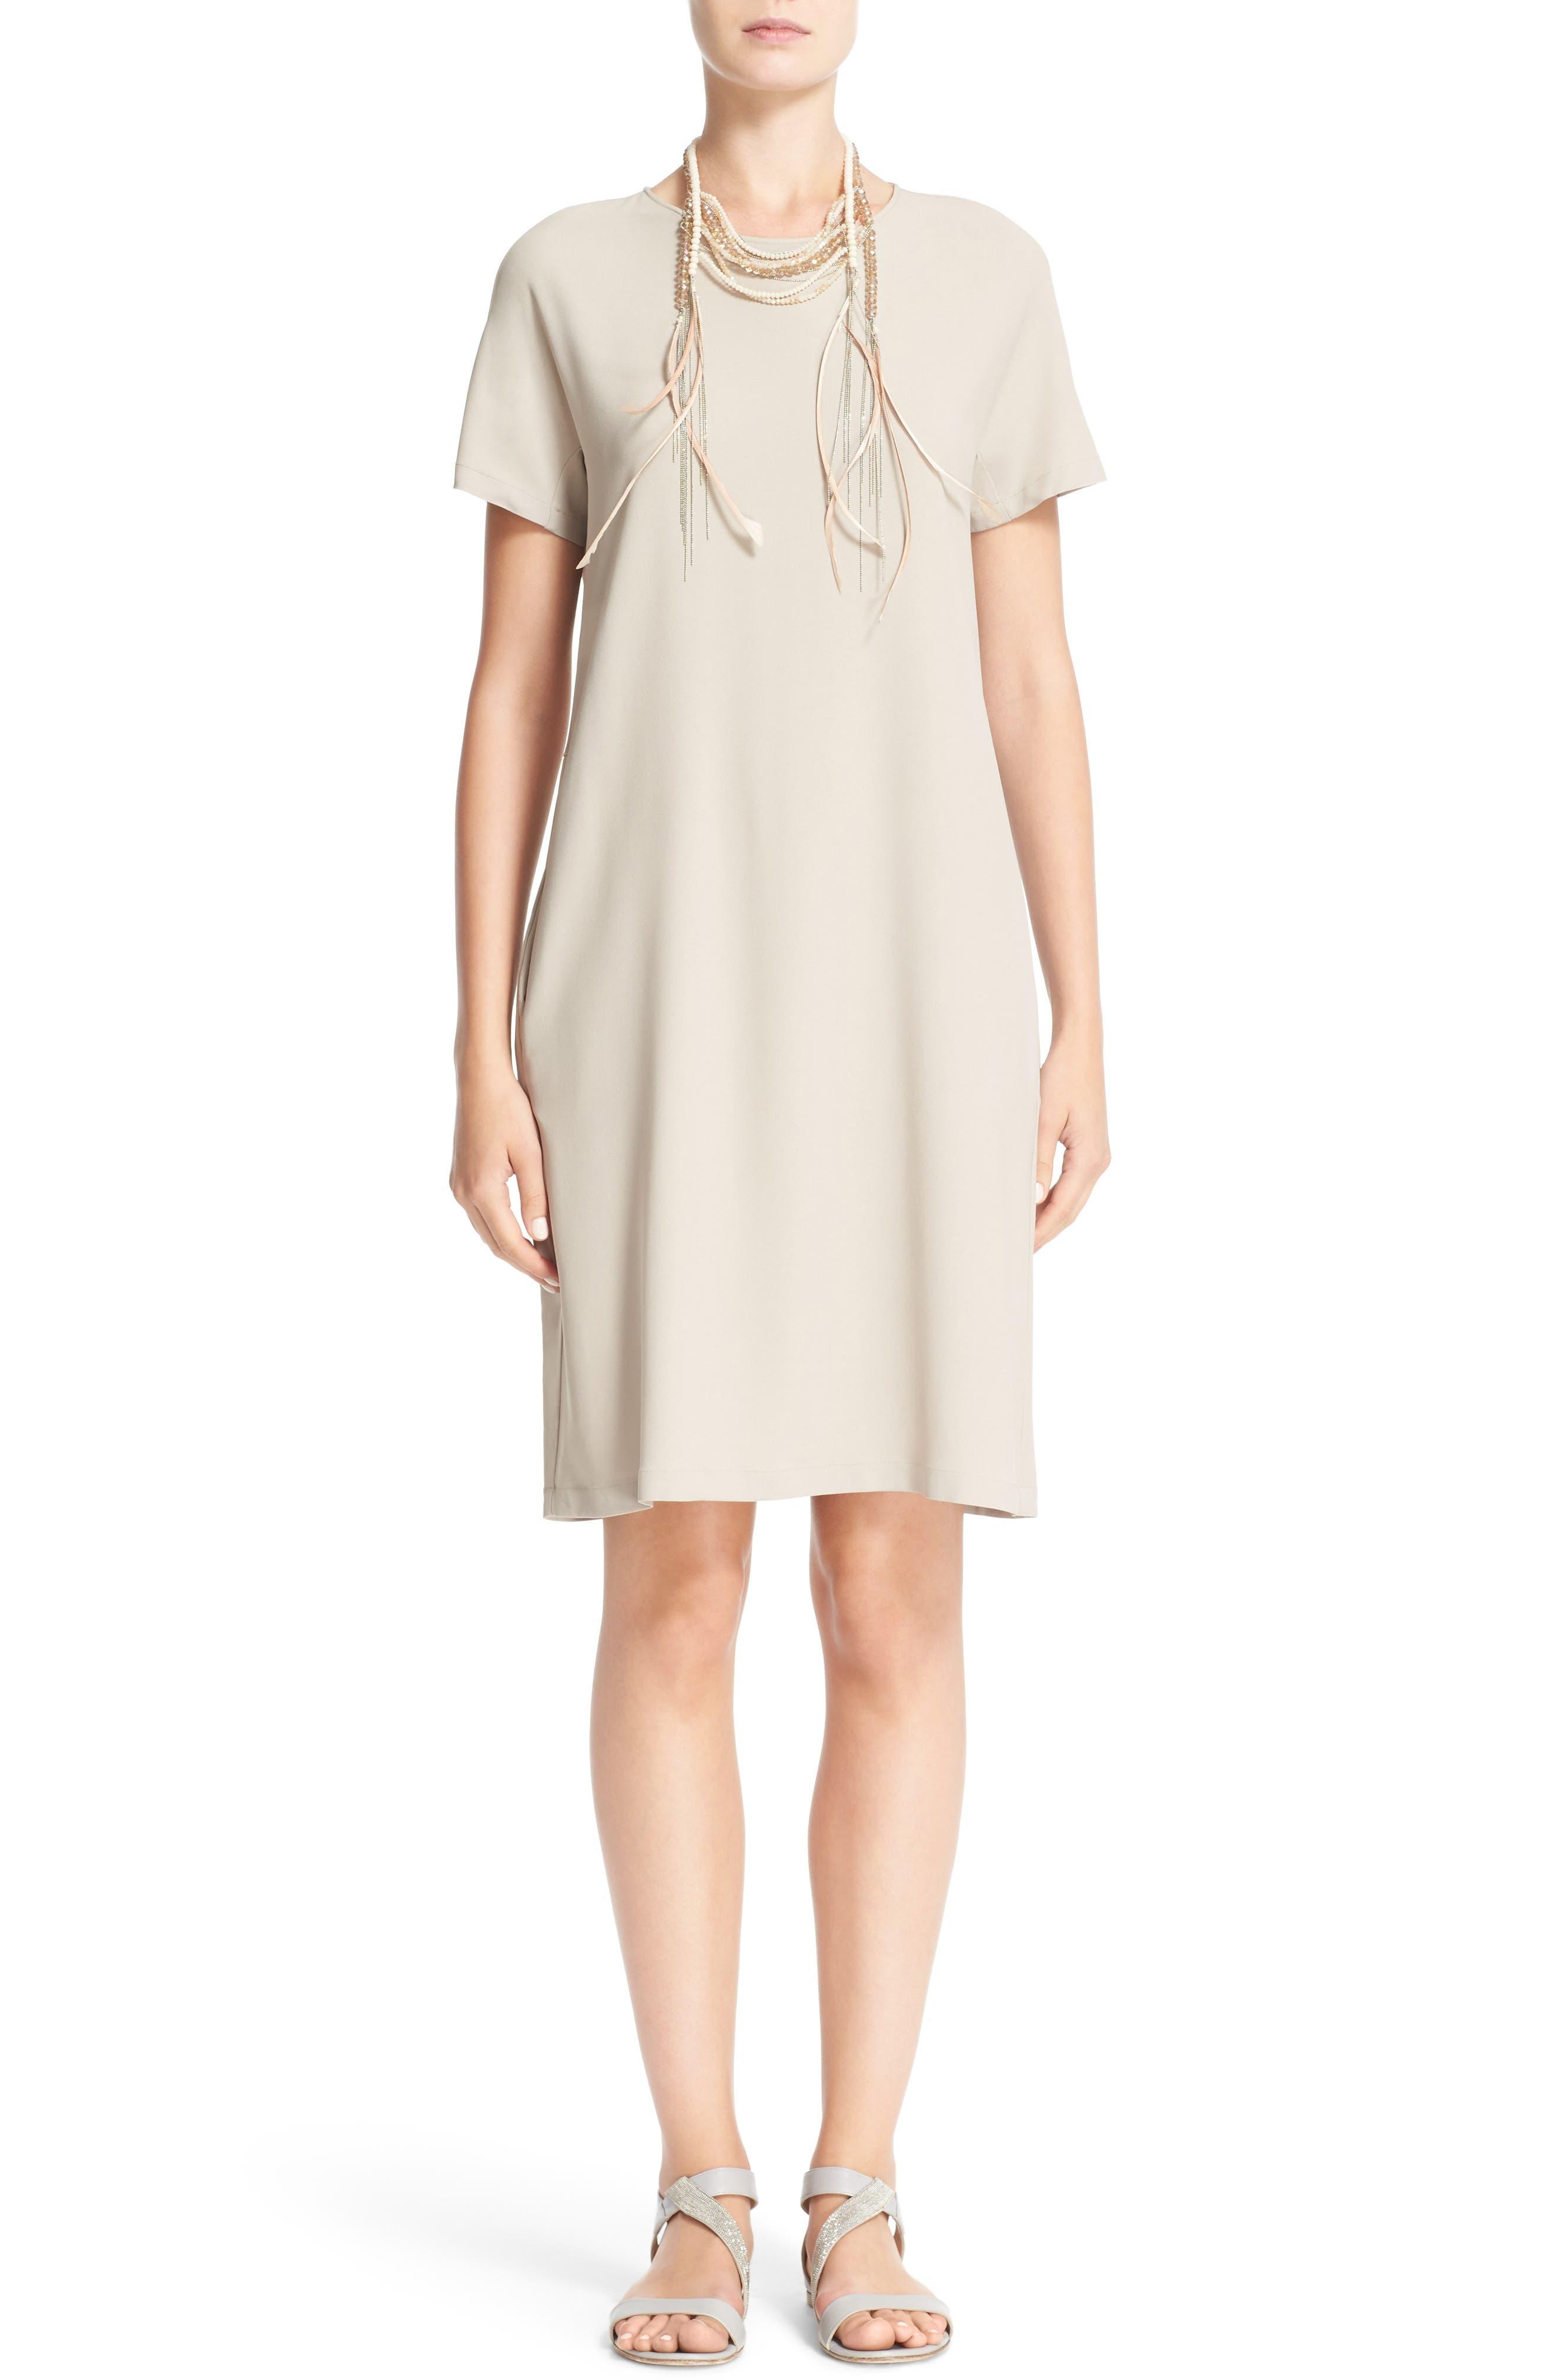 Fabiana Filippi Stretch Cotton Poplin Dress